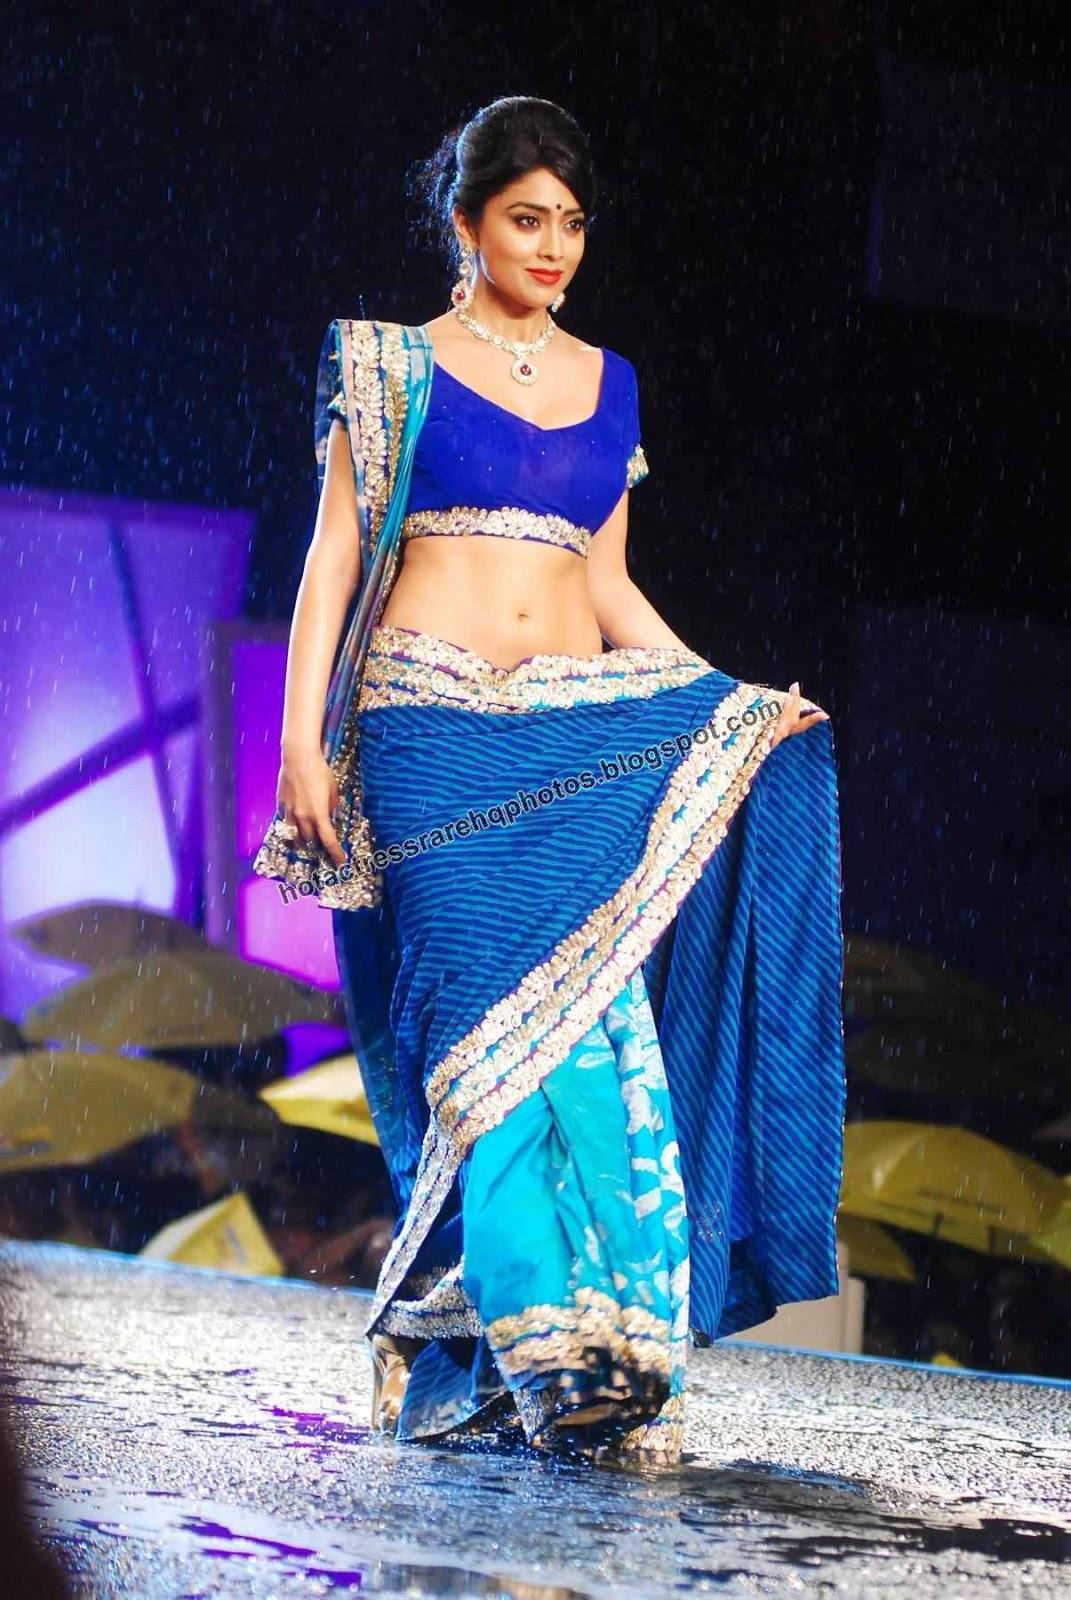 Hot indian actress rare hq photos actress shriya saran hot deep navel show in blue saree at Healing with style fashion show